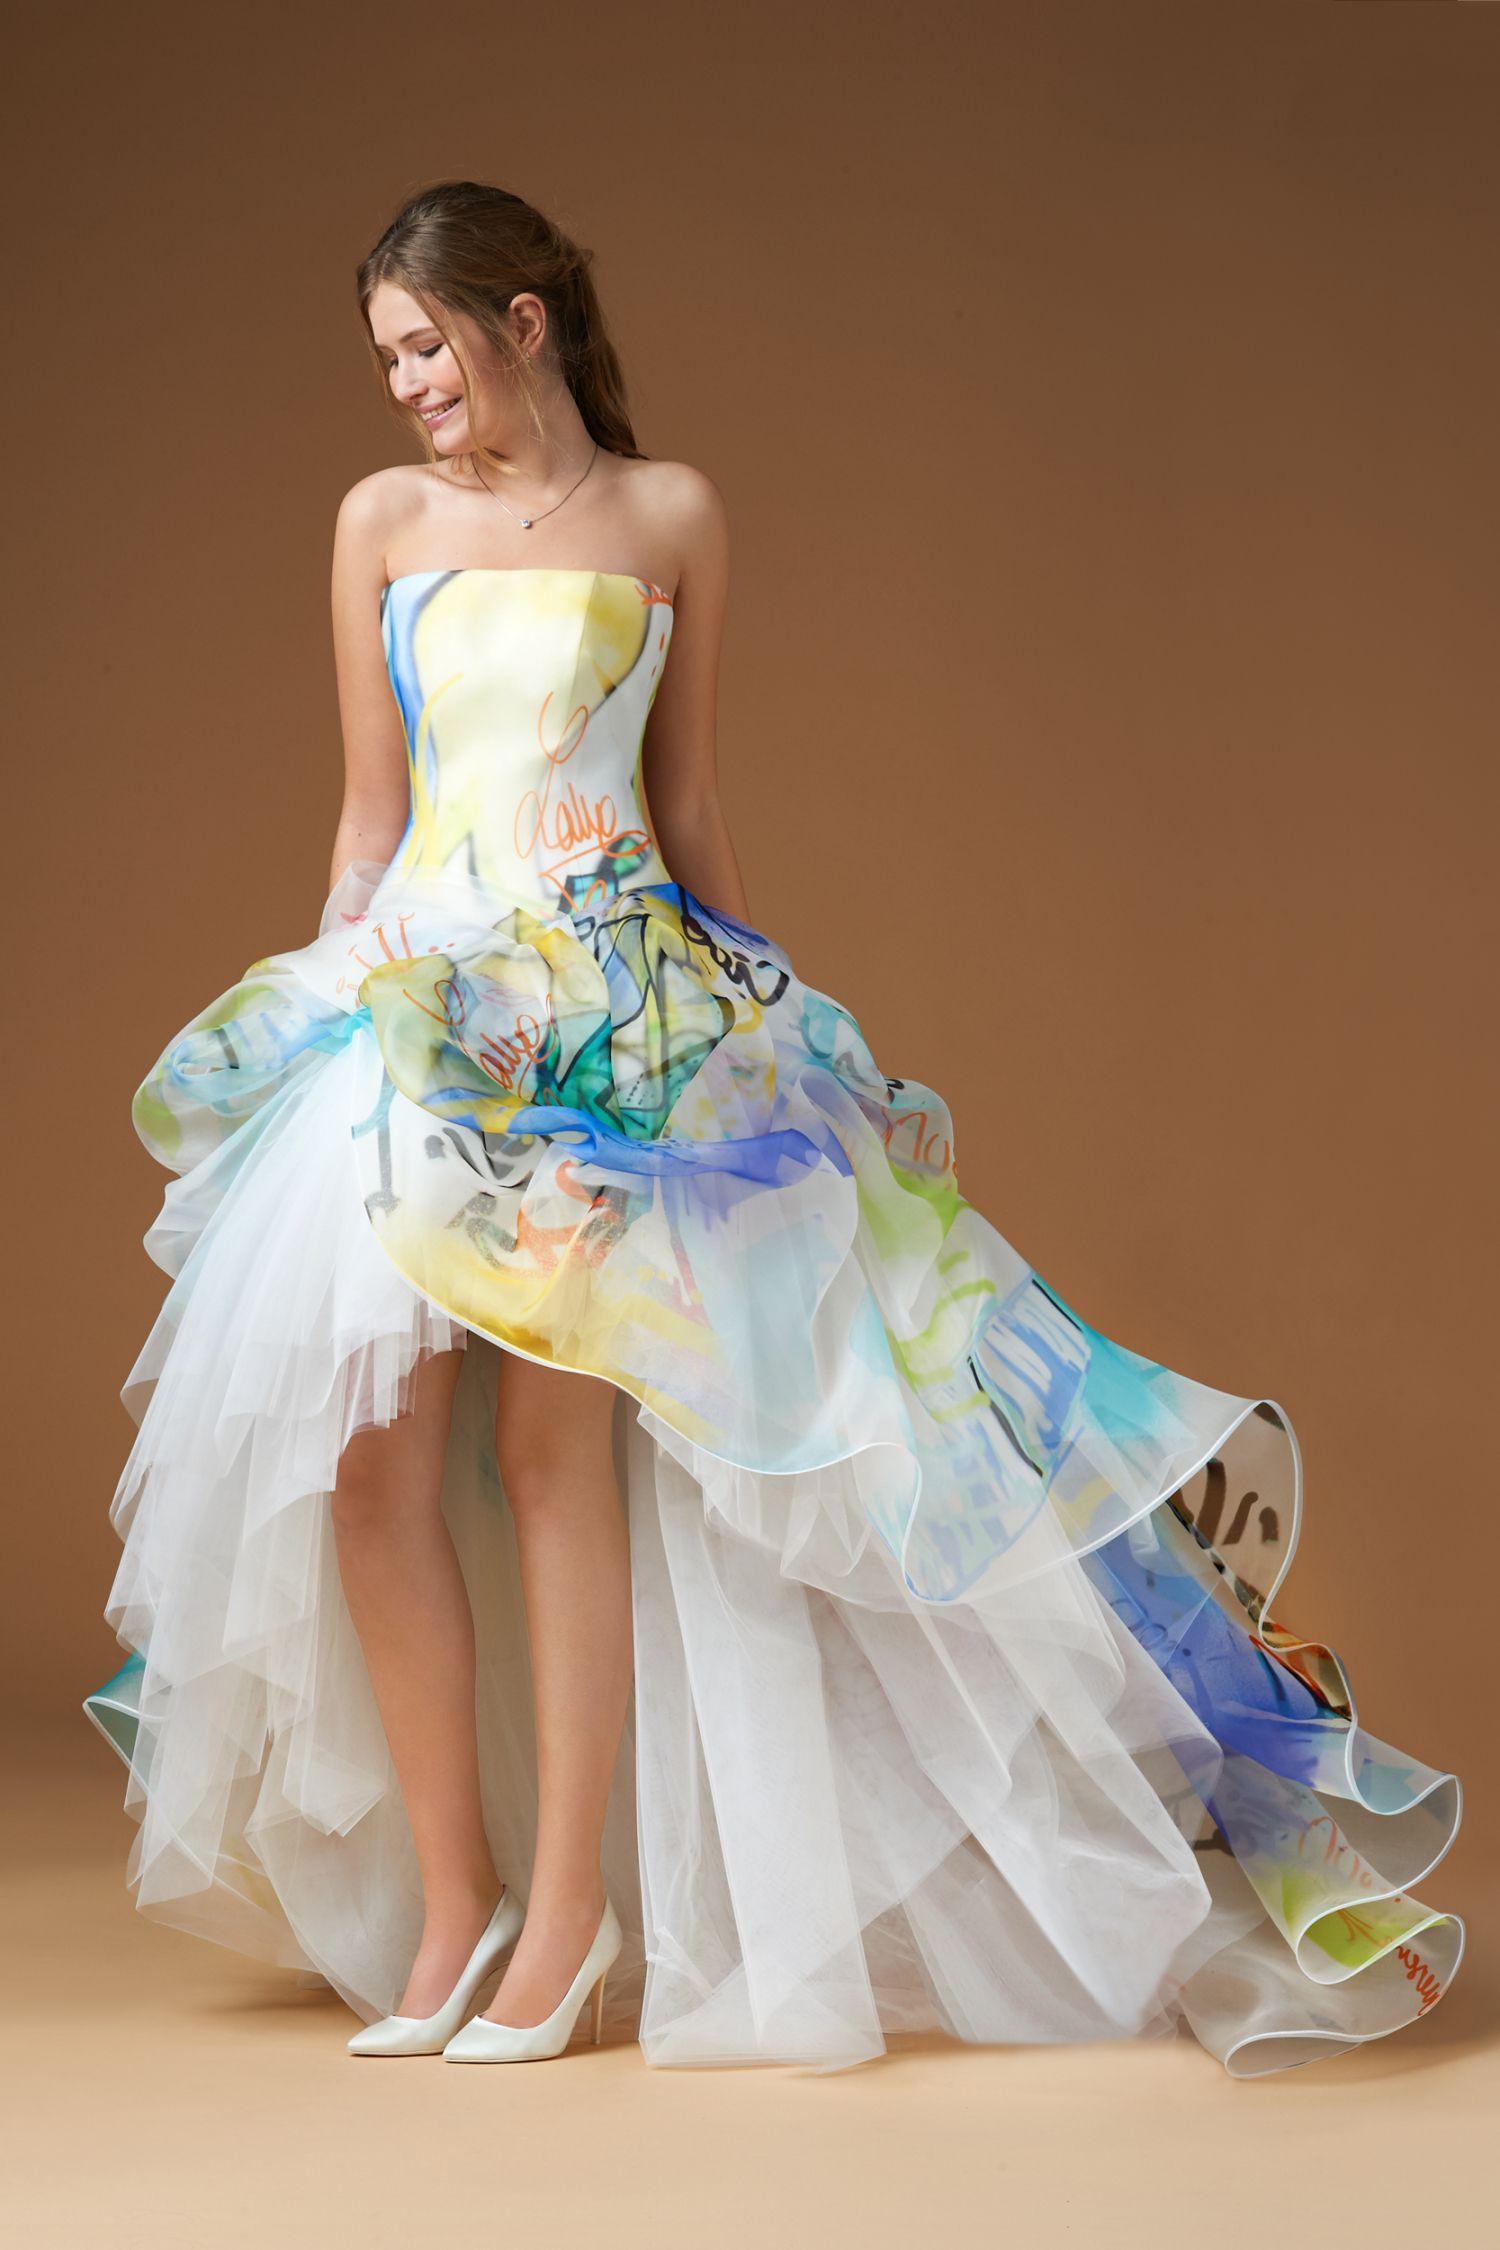 0b9a54ab64a0 Abiti da sposa colorati atelier eme – Abiti alla moda